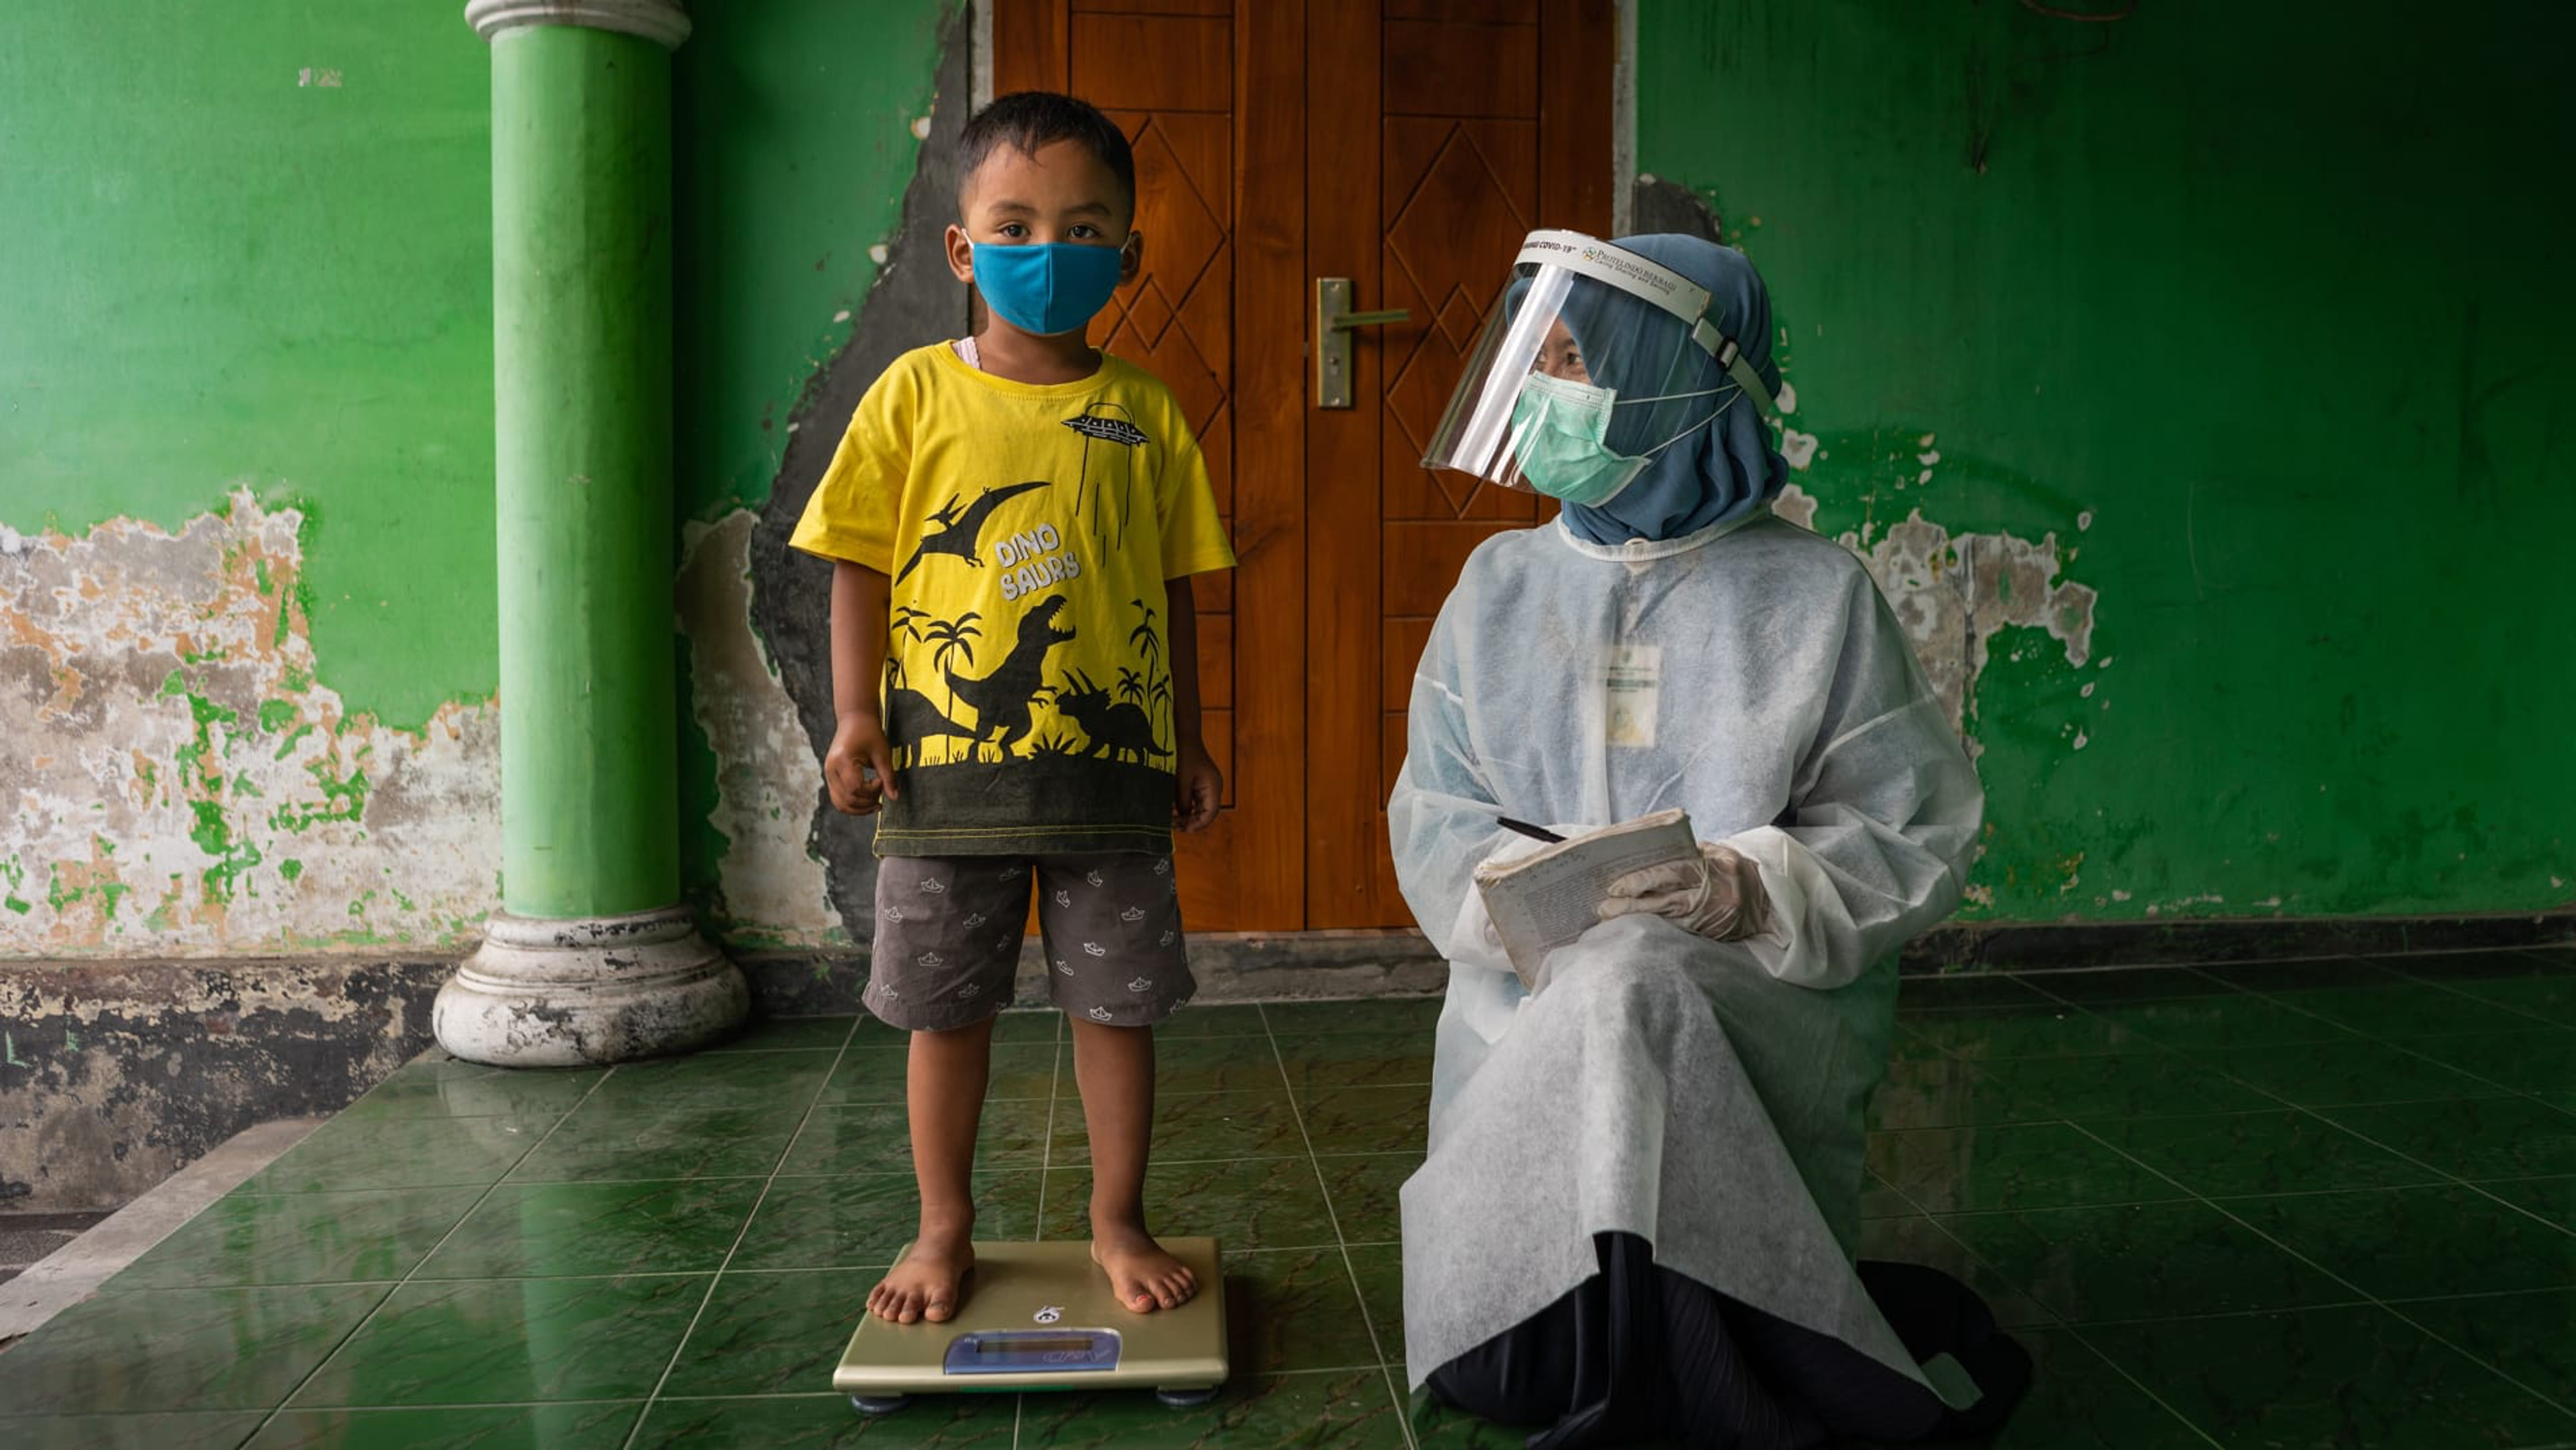 Un bambino viene pesato in una postazione sanitaria nel villaggio di Sidorejo, in Indonesia